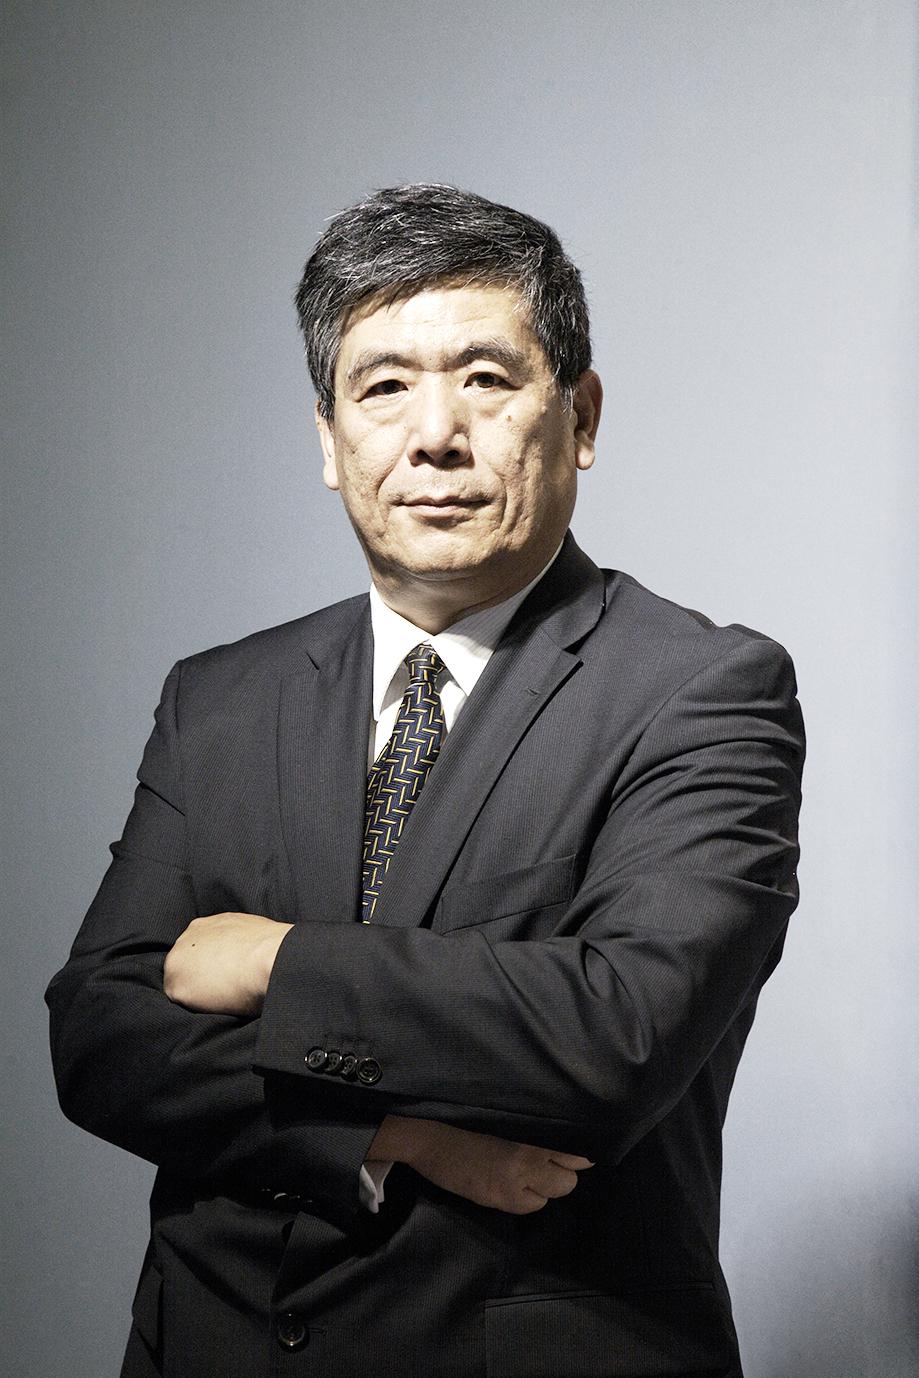 拓晓堂:古籍拍卖20年-出版人杂志官网